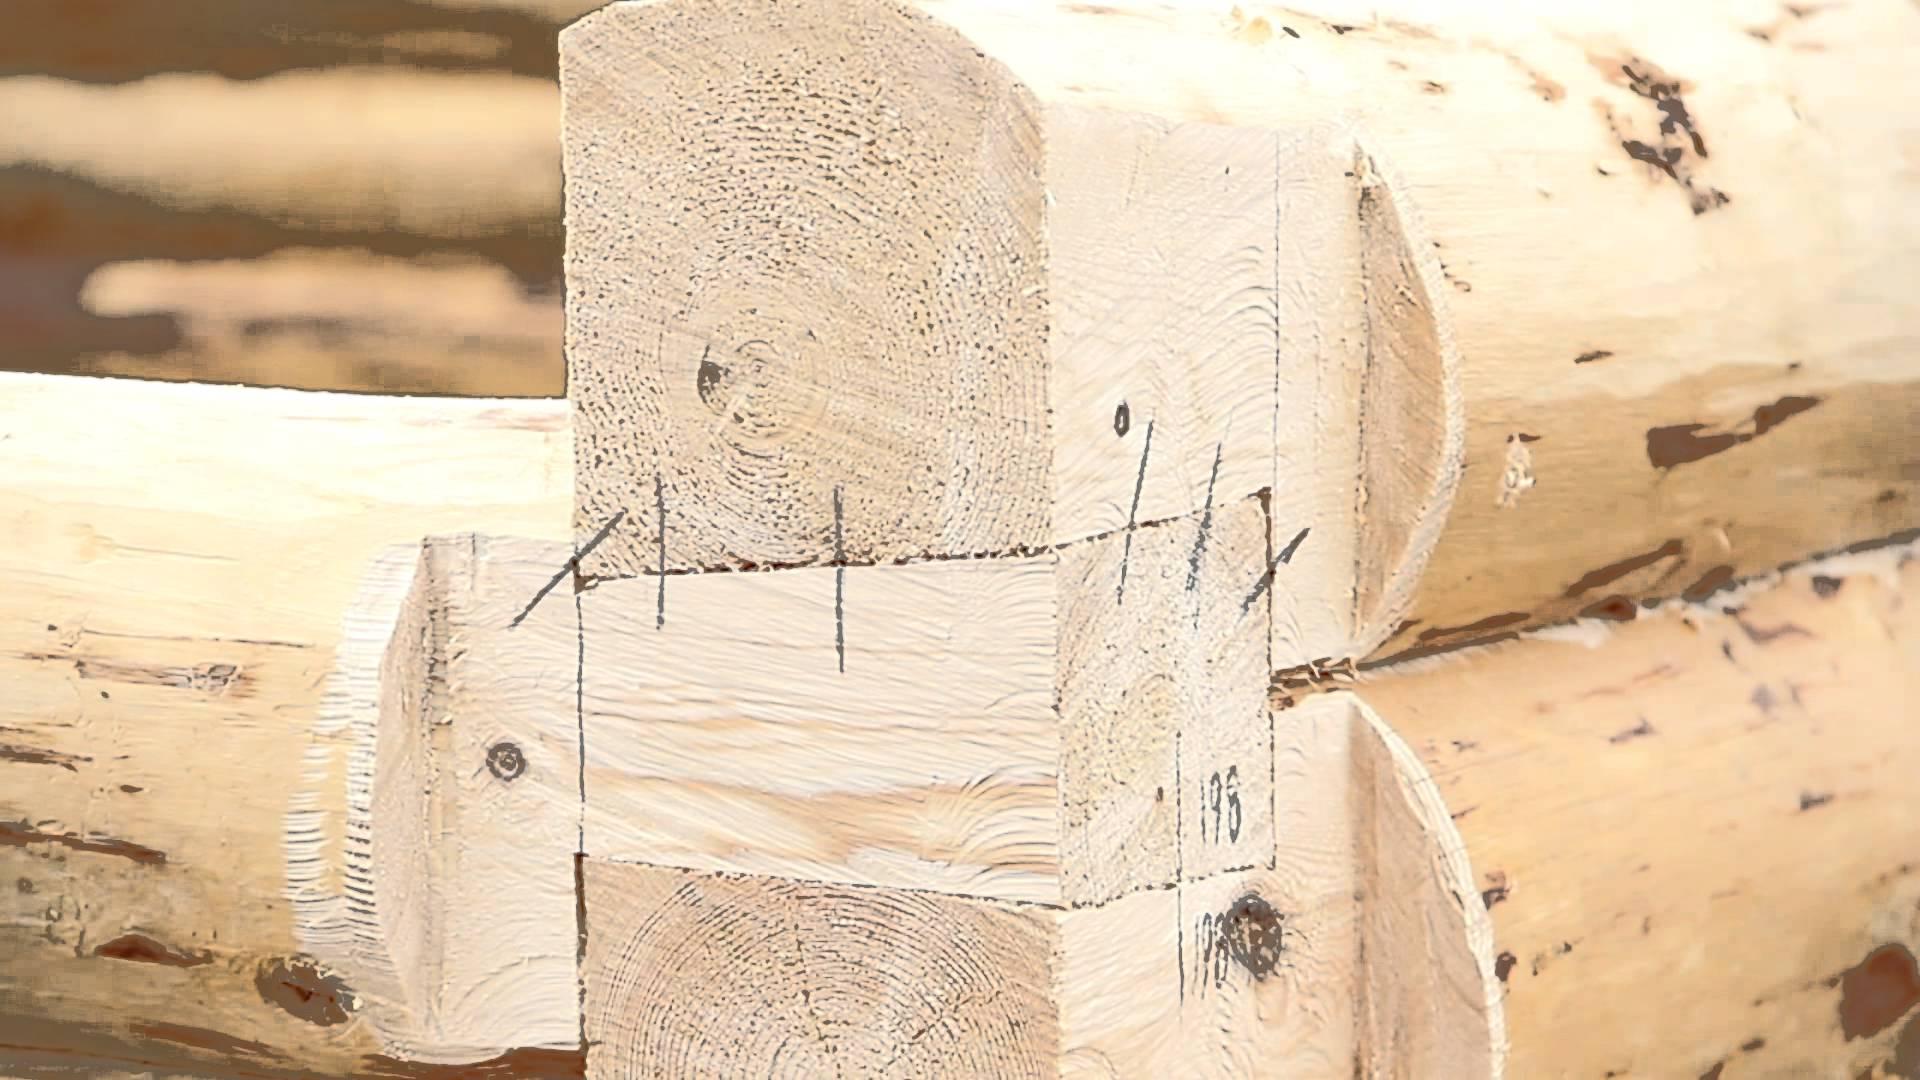 Как срубить баню своими руками: расчёт материала, как рубить, пошаговая инструкция по возведению, фото